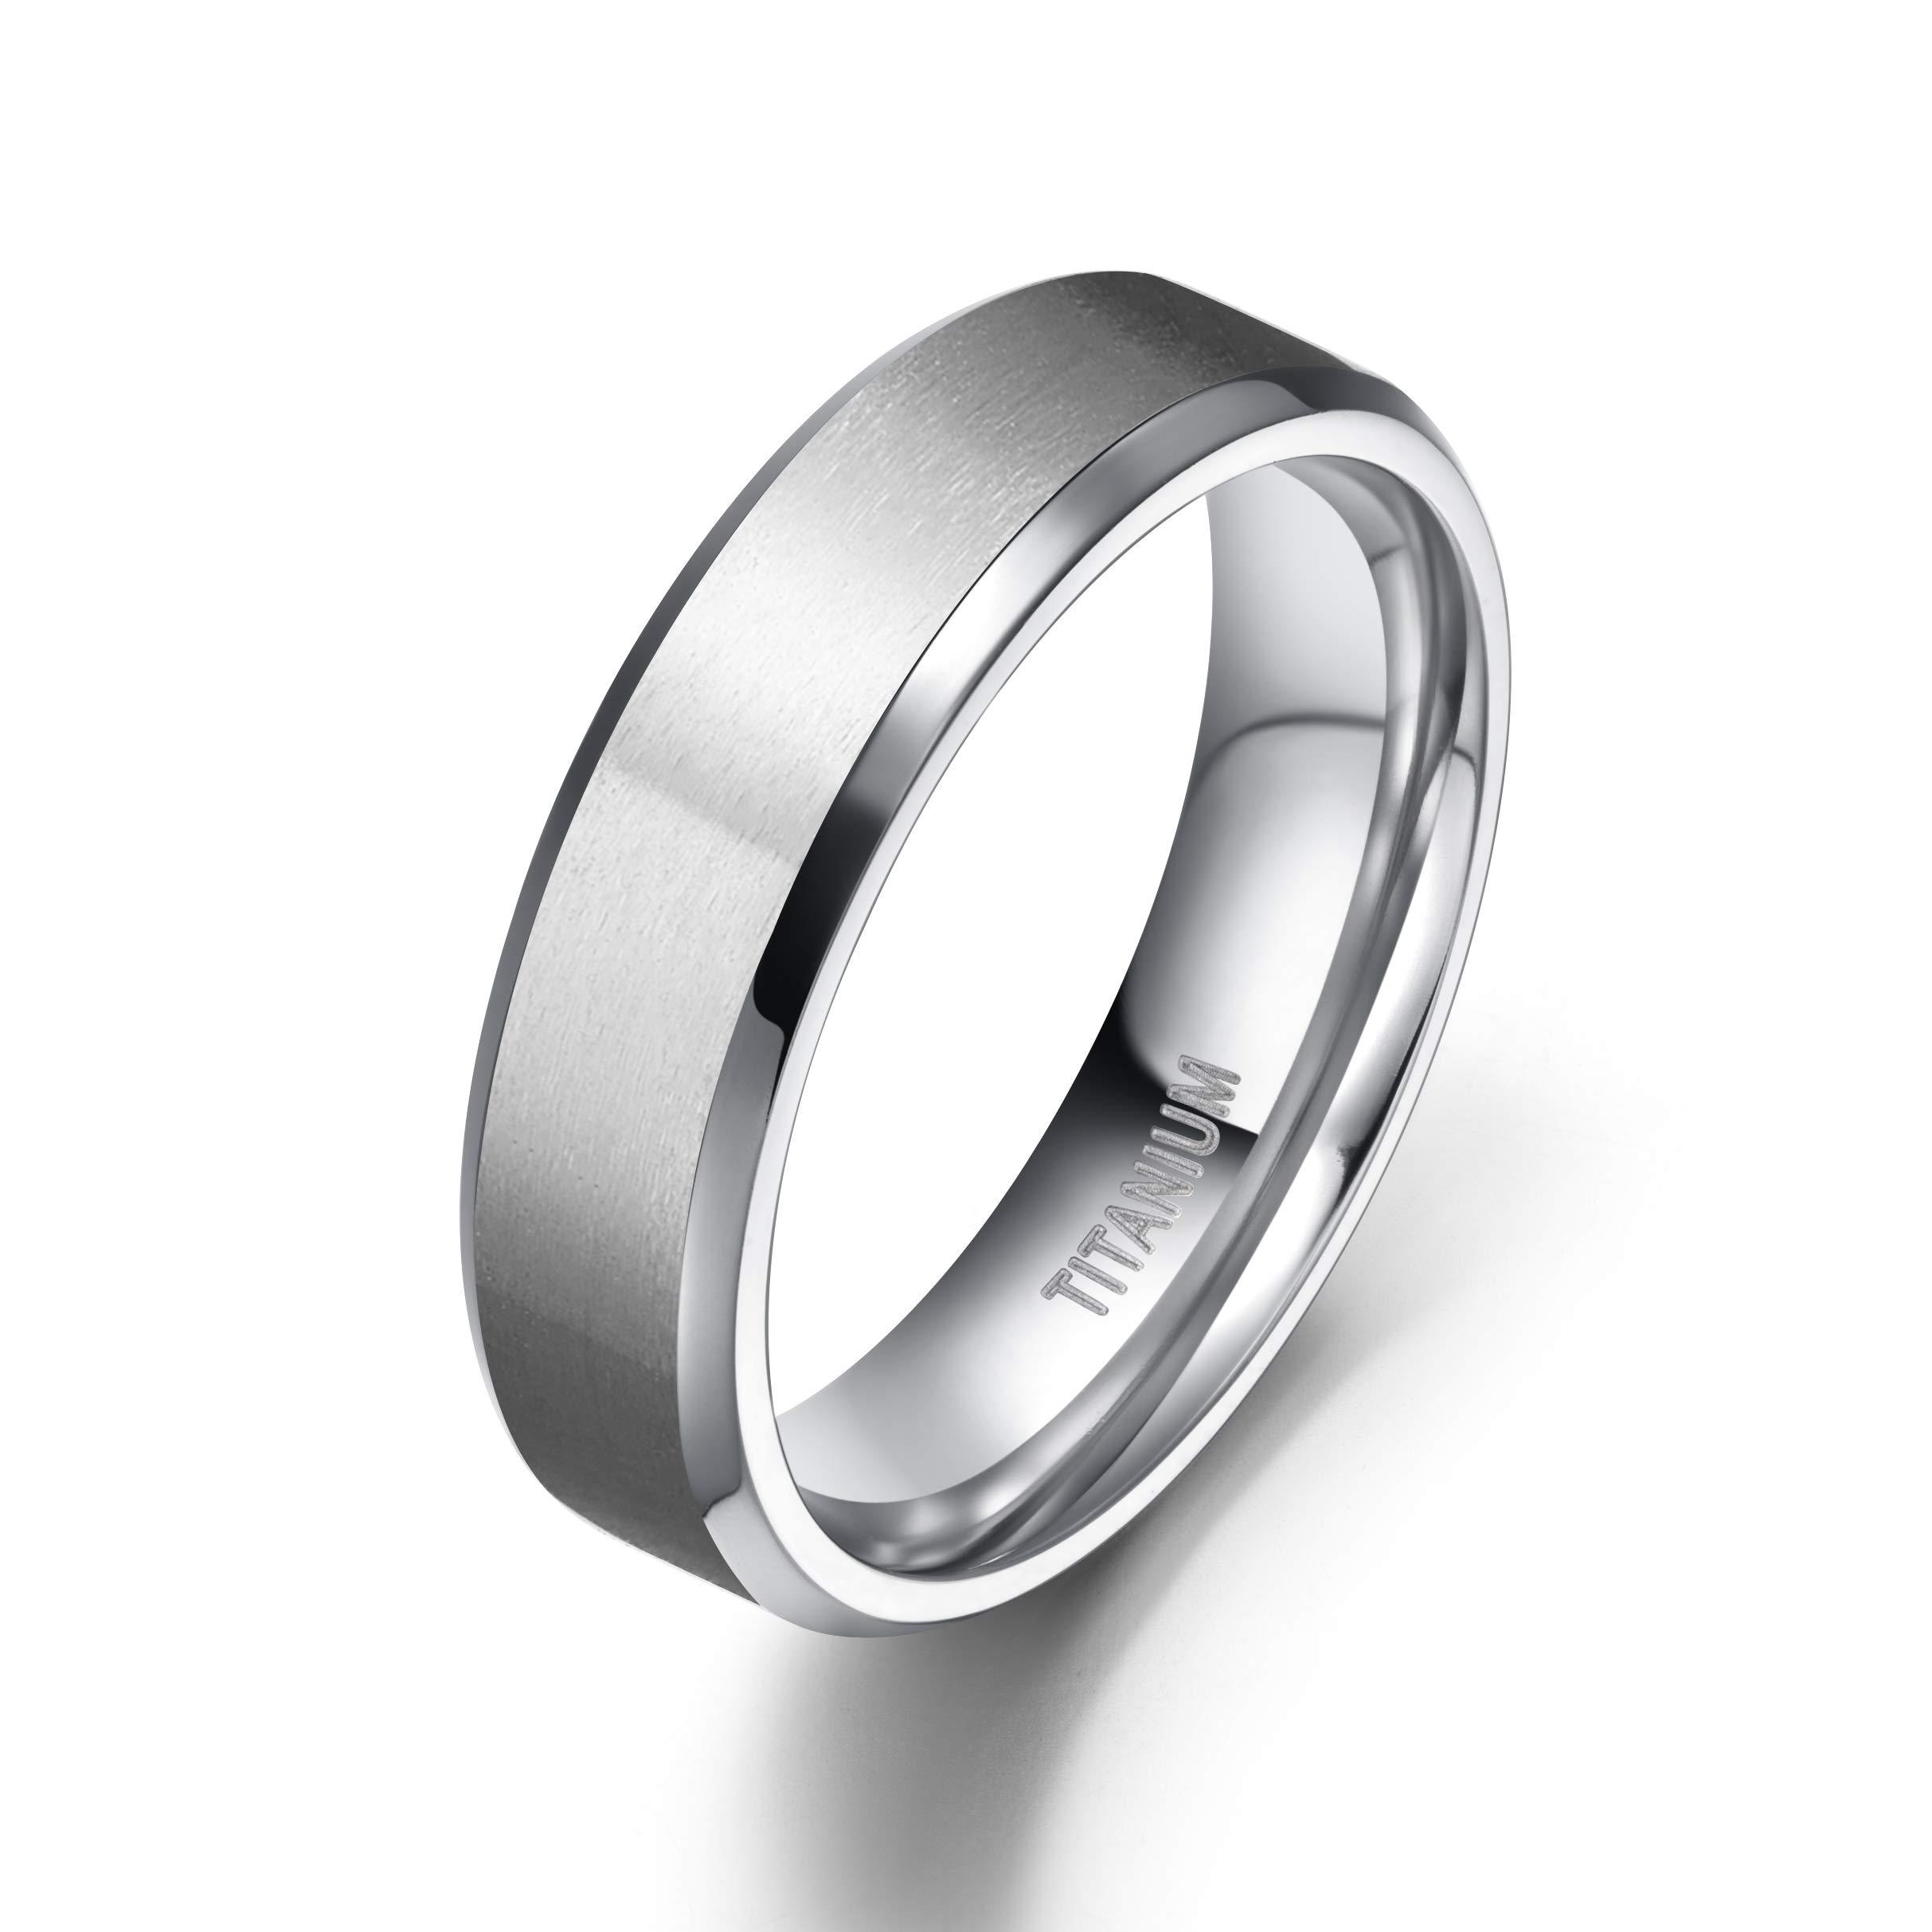 TIGRADE 6mm Unisex Titanium Ring Flat Matte Brushed Beveled Edge Wedding Band Comfort Fit Size 4-13 (Titanium, 11.5)